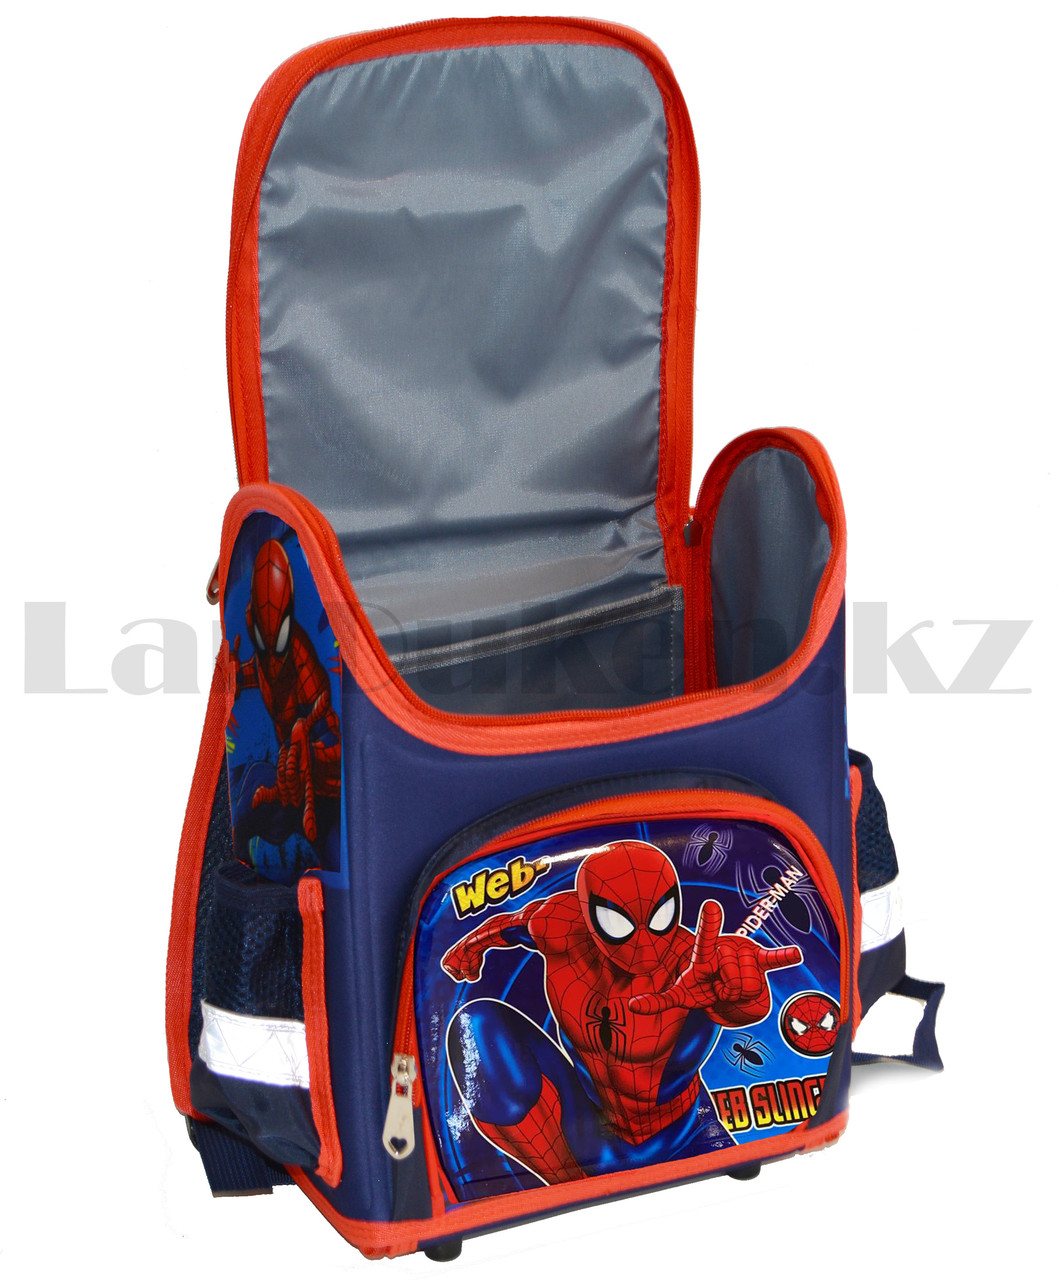 Ранец трансформер (складной) с ортопедической спинкой и со светоотражателями Человек Паук (Spider man) - фото 4